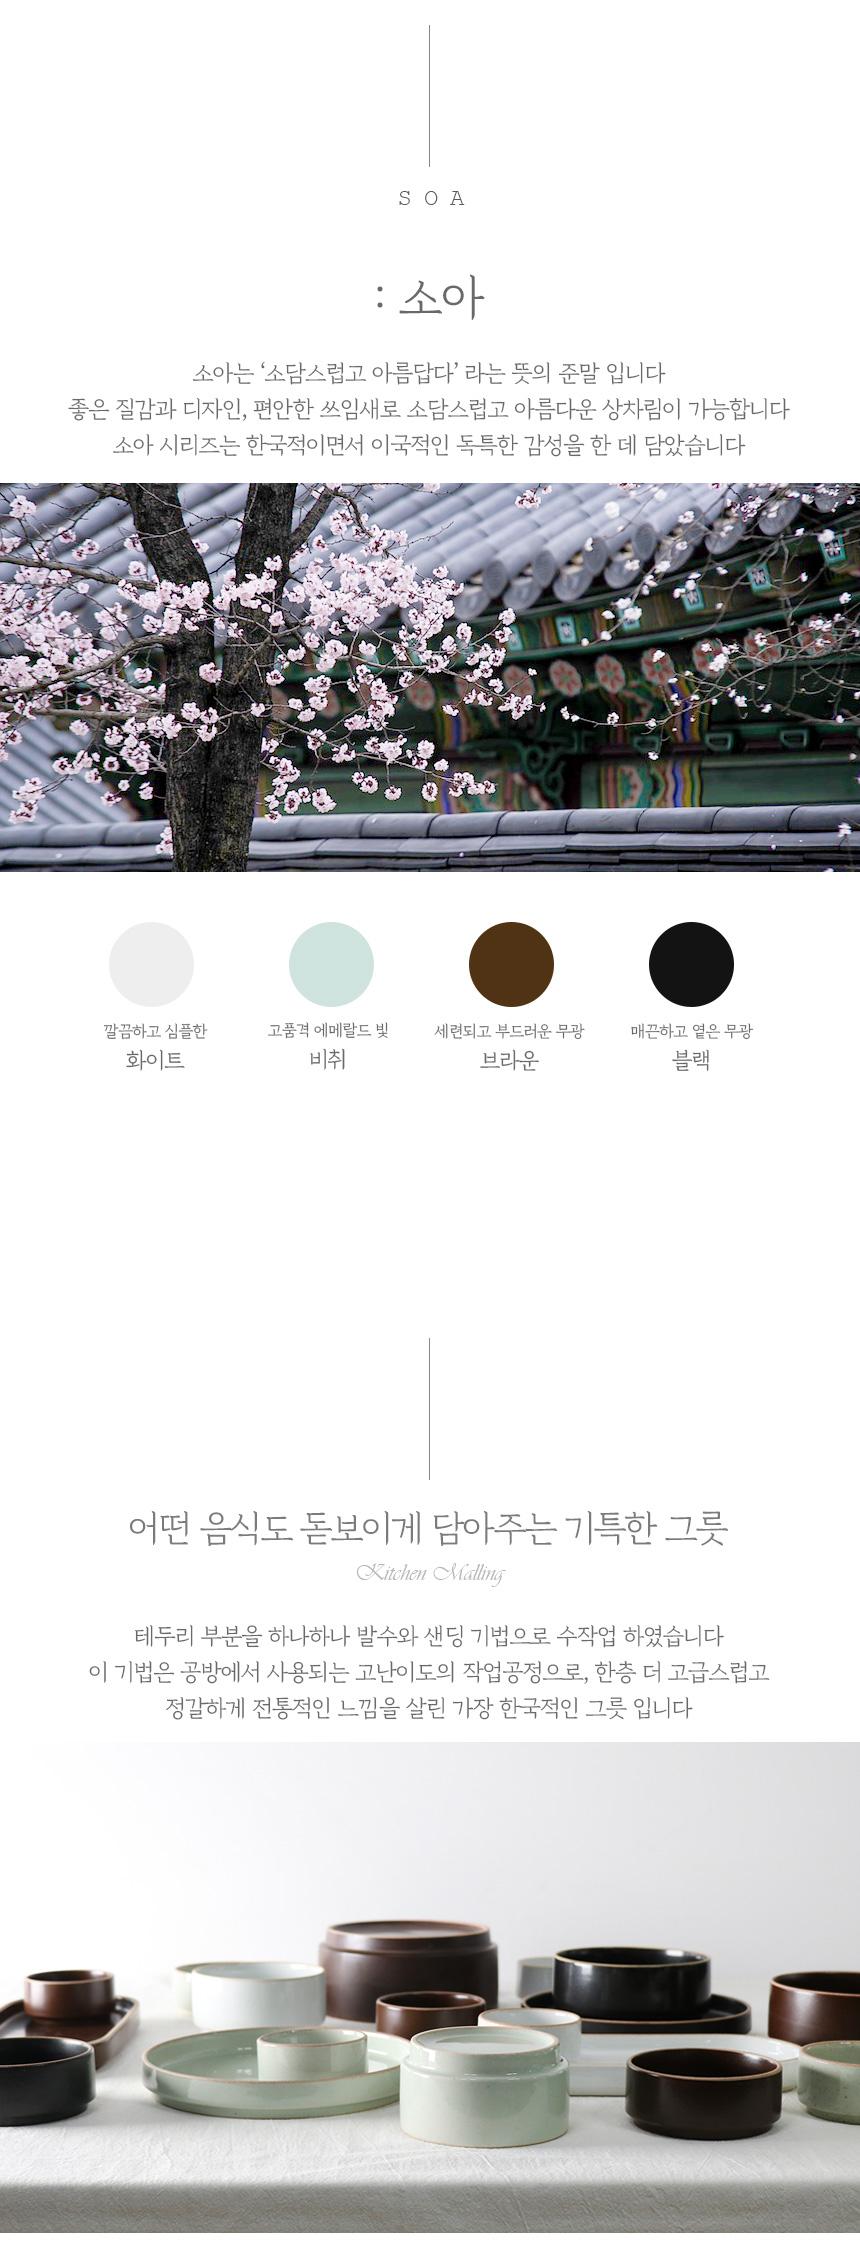 소아 2인 식기세트 12p 선택 - 키친몰링, 61,300원, 식기홈세트, 2인세트